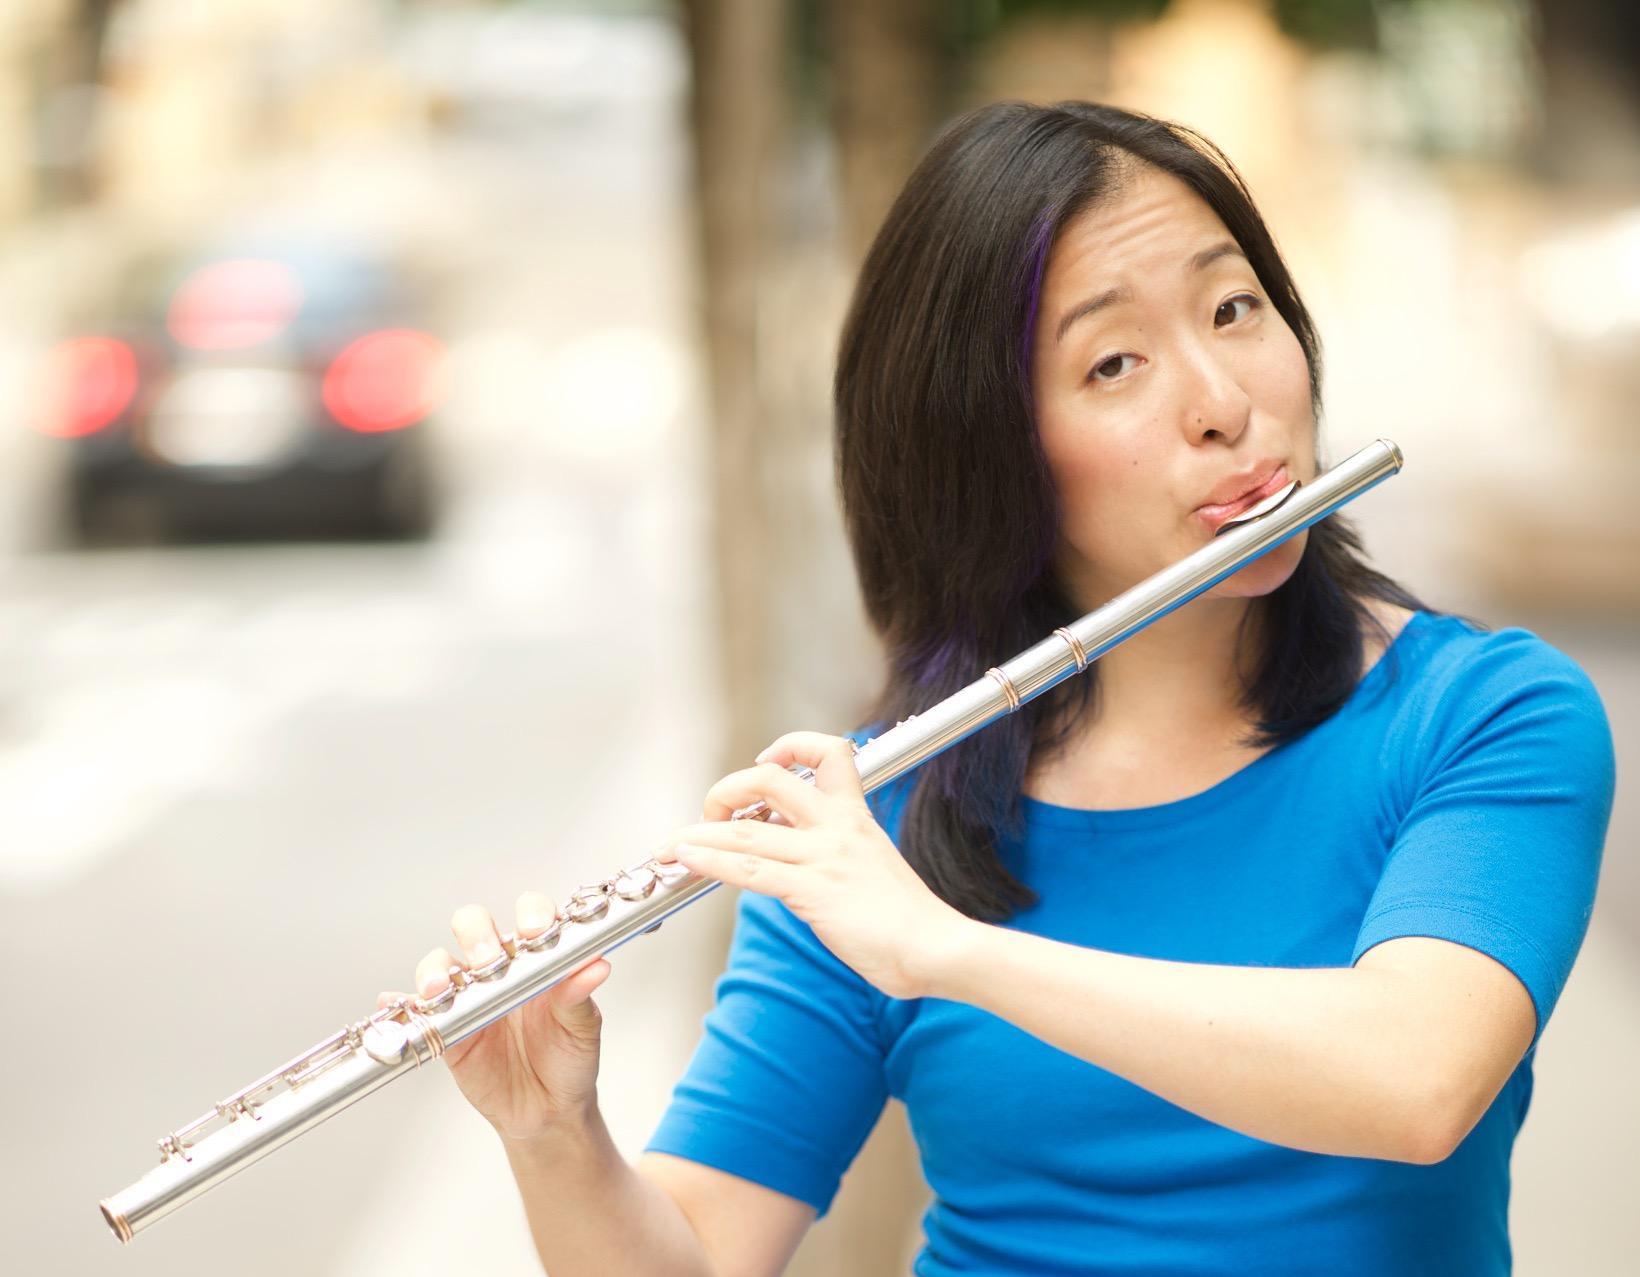 - ゲストプロフィール:ニューヨーク市立大学大学院音楽専攻博士課程。 SF・ファンタジー音楽に詳しく、個性と集団的なアイ デンティティーが音楽演奏によってどのように構築されるかをテーマに研究している。歌、踊り、 演劇、フルートの演奏が好き。